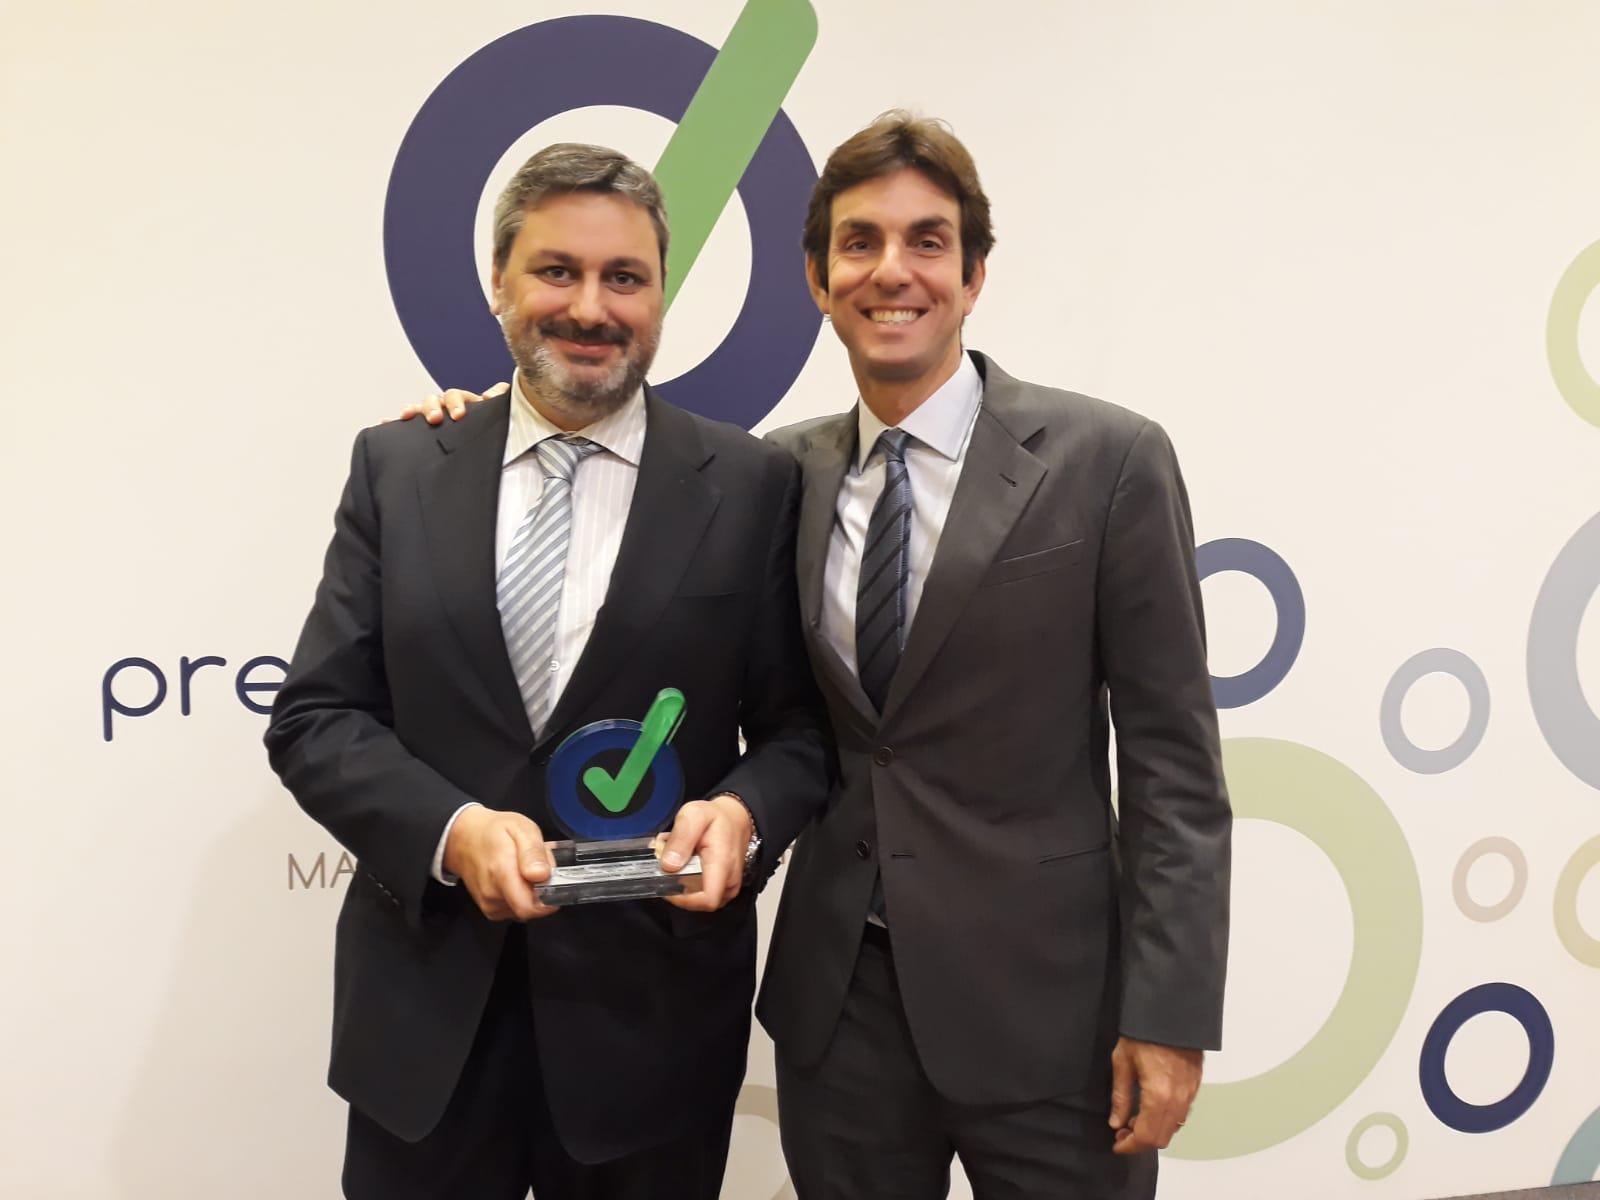 Votorantim Cimentos, propietario de Cosmos, recibe el premio Empresa del Año Prevencionar 2018 por sus políticas en materia de seguridad y salud laboral 1